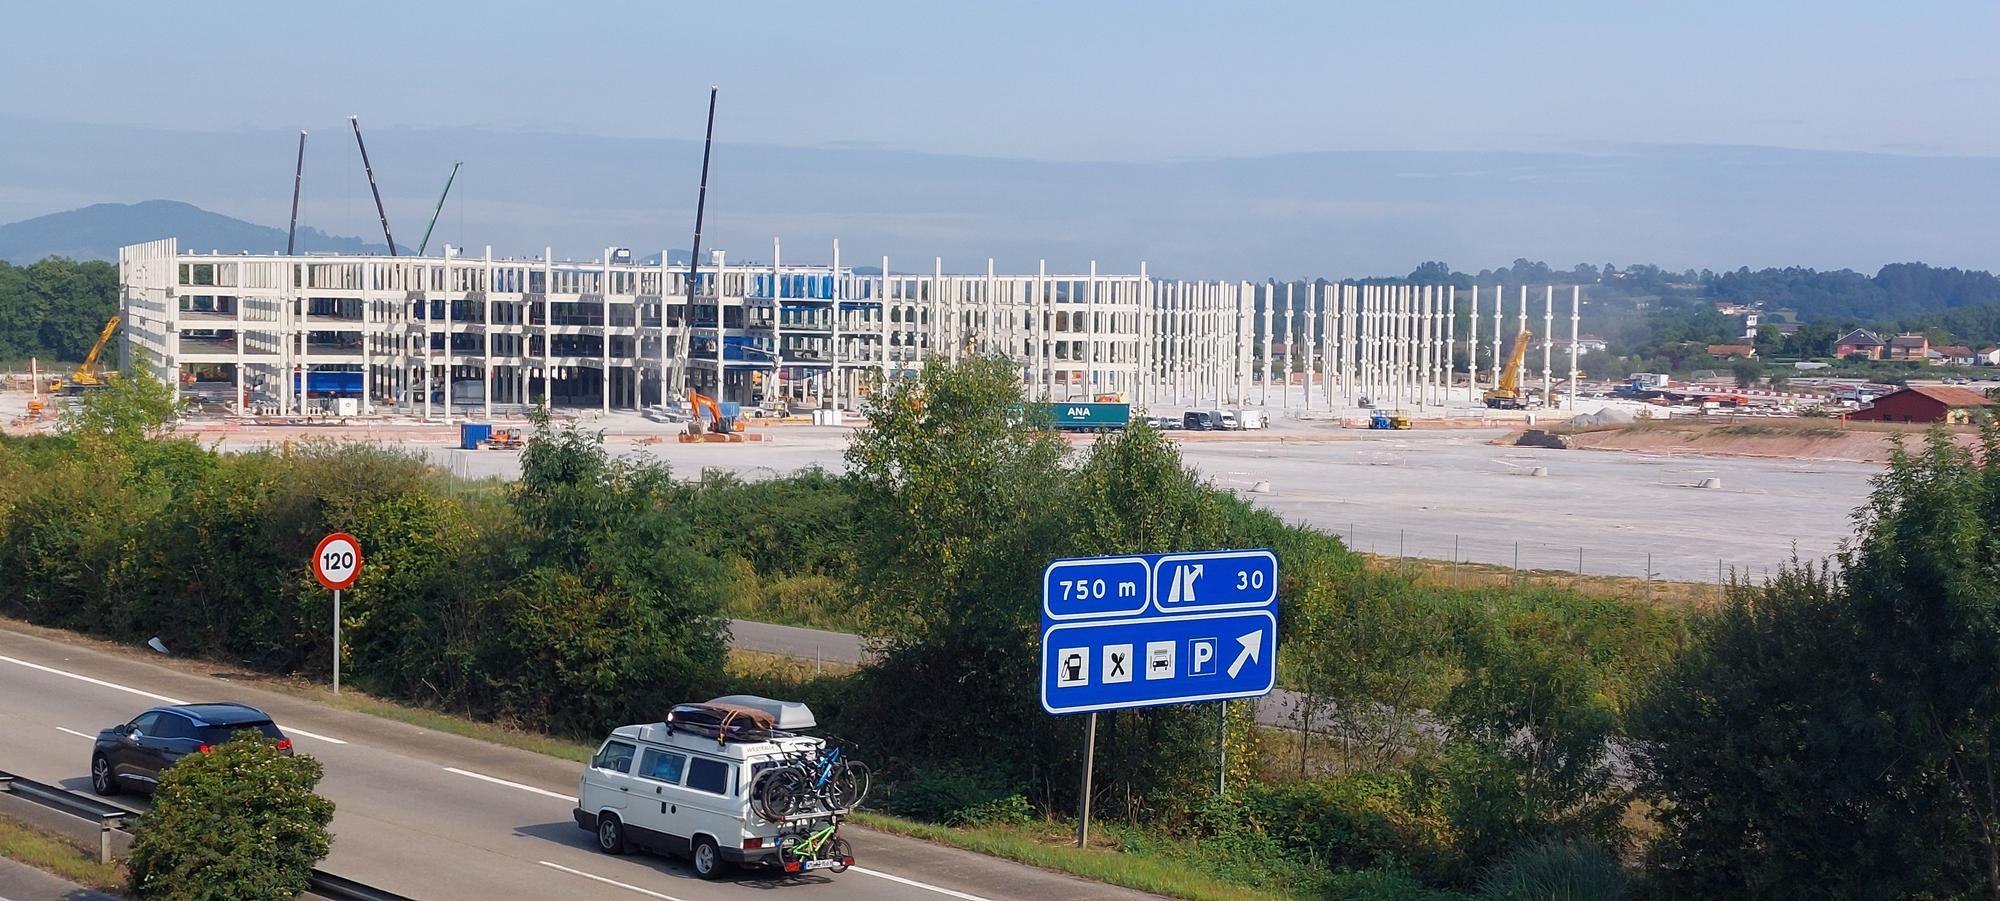 Vista general de la obra de la nave desde un alto sobre la autopista